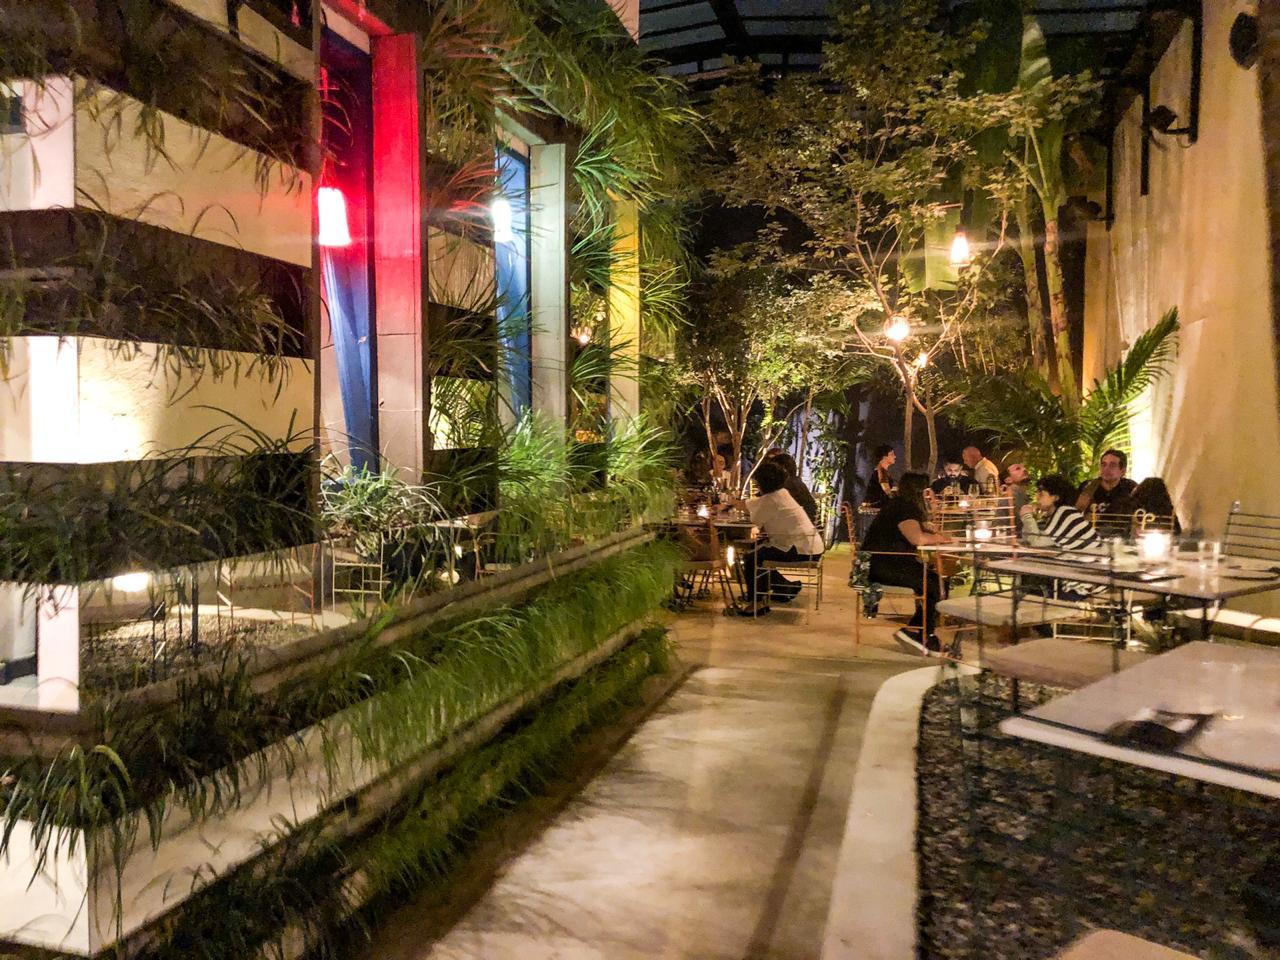 Restaurante Coltivi inaugura galeria de arte no Rio de Janeiro